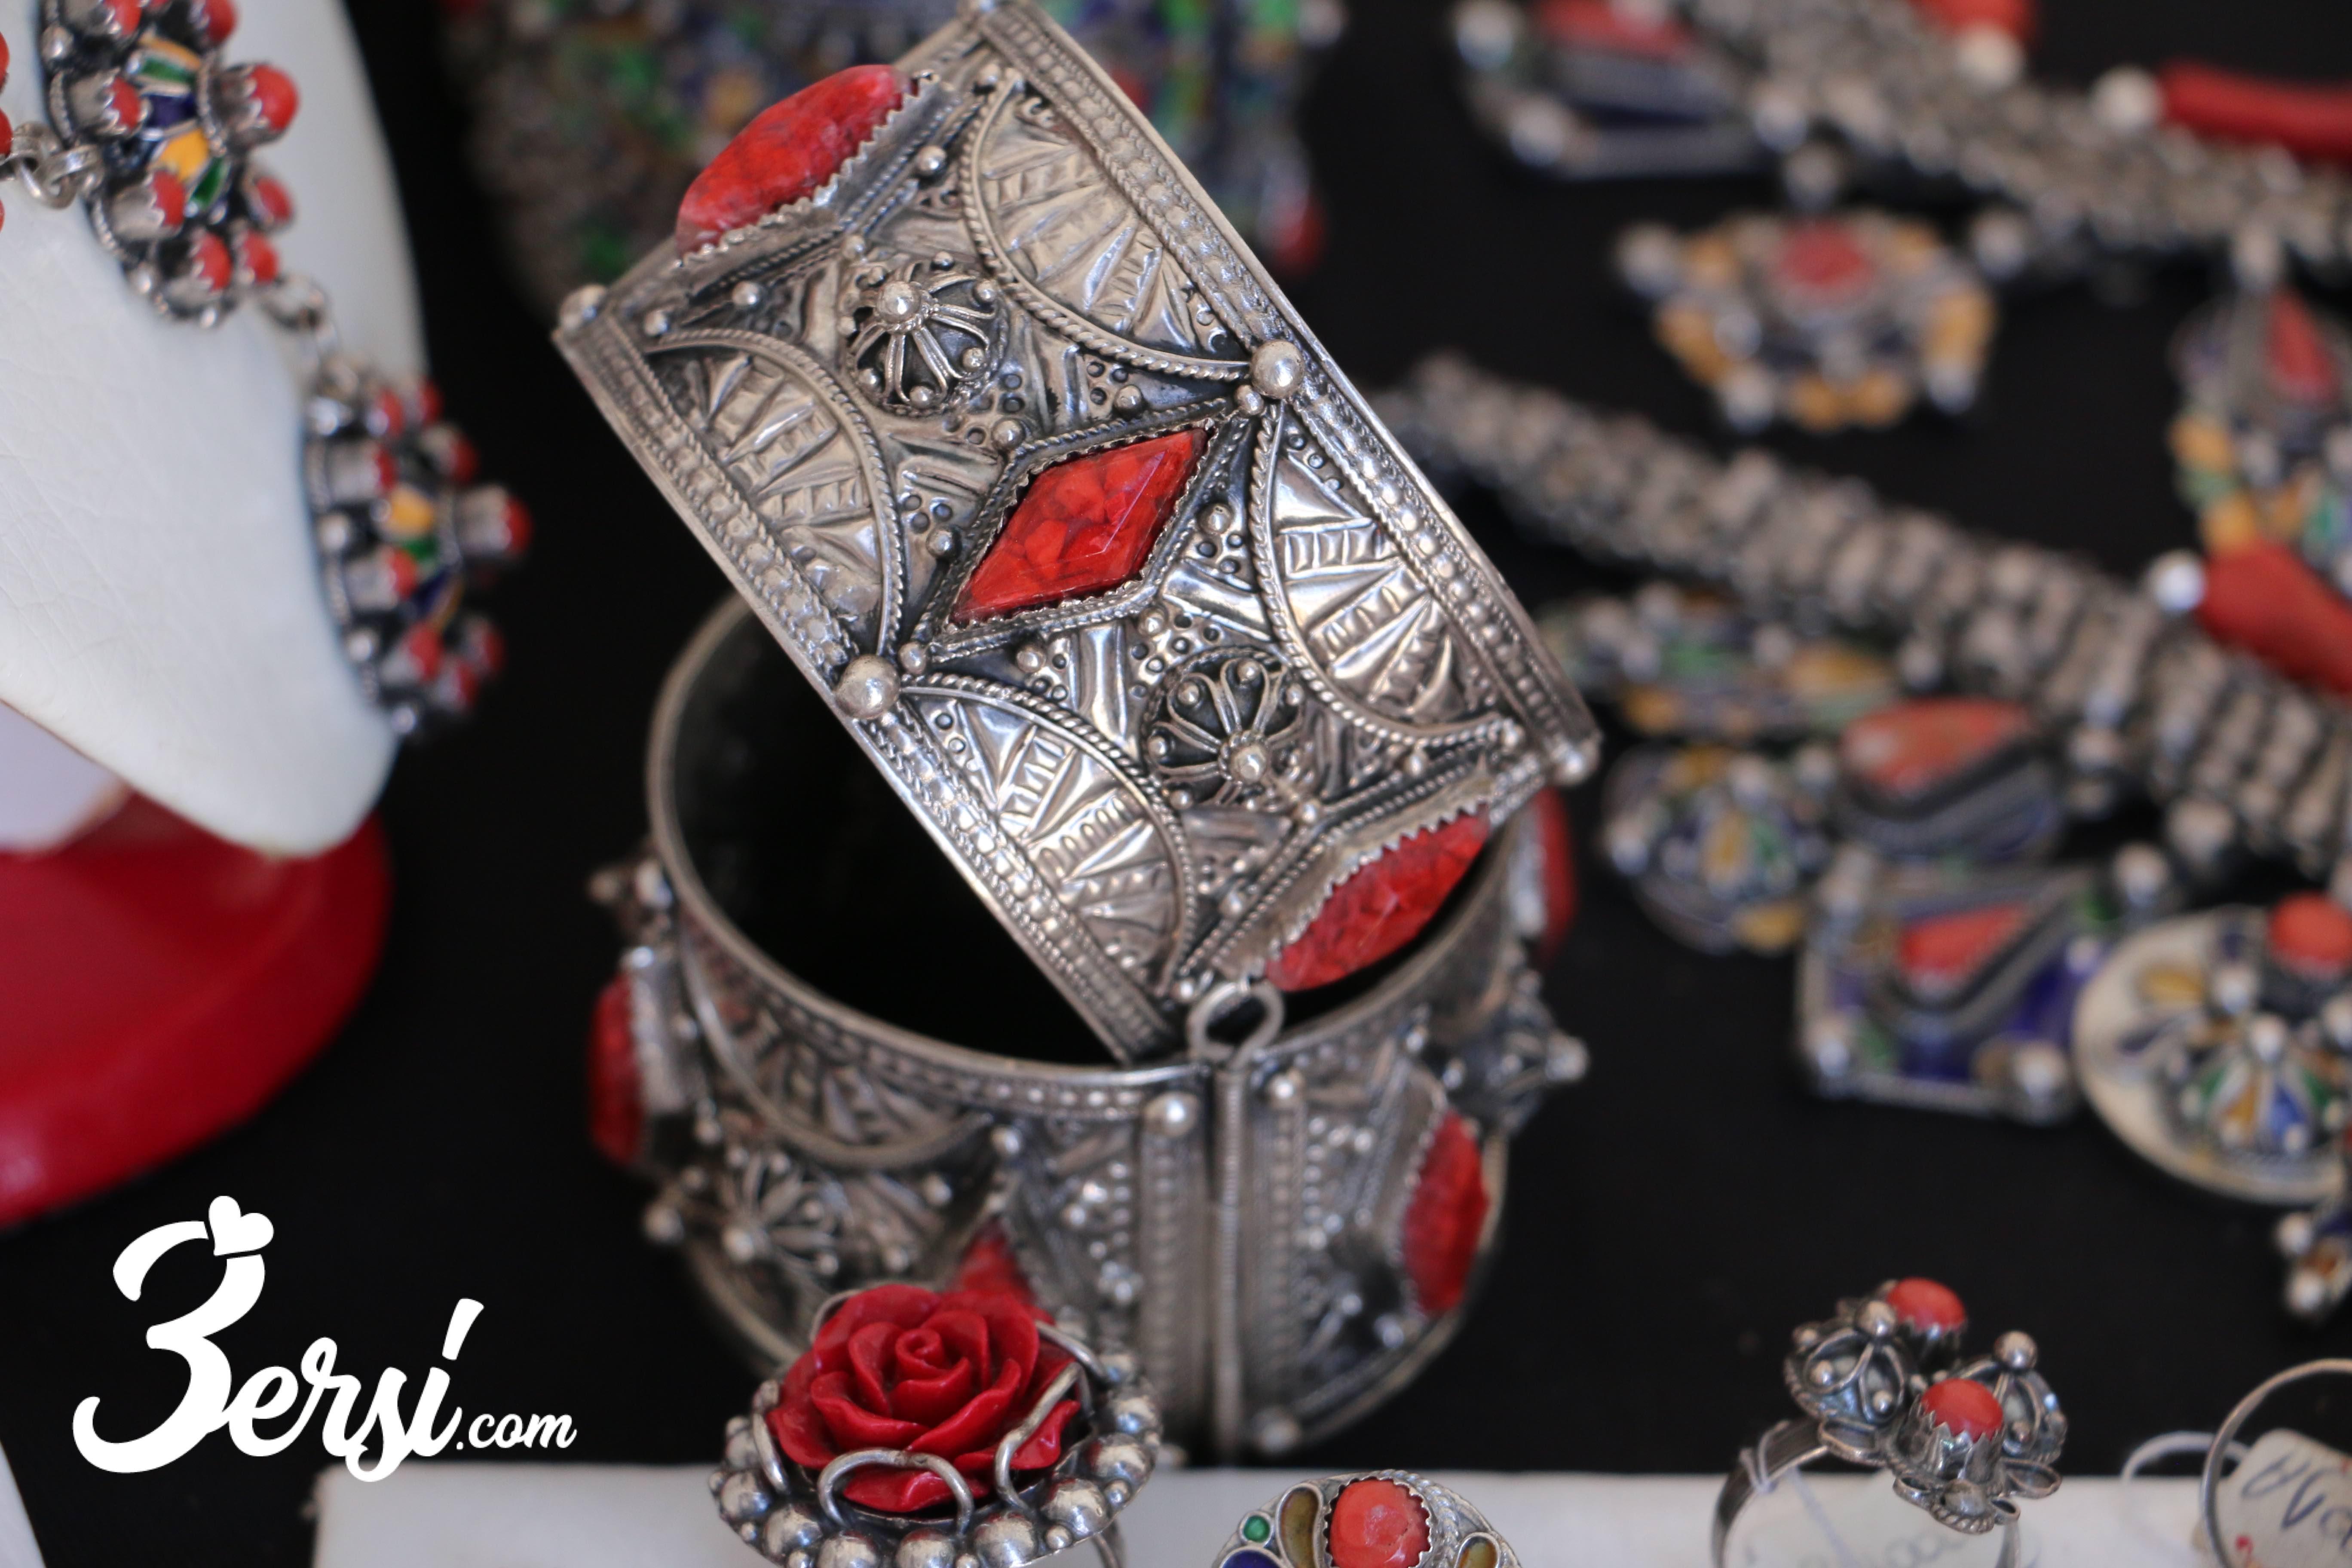 Amechloukh (bracelet), fête du bijoux d'Ath Yenni, 2018 - 3ersi.com